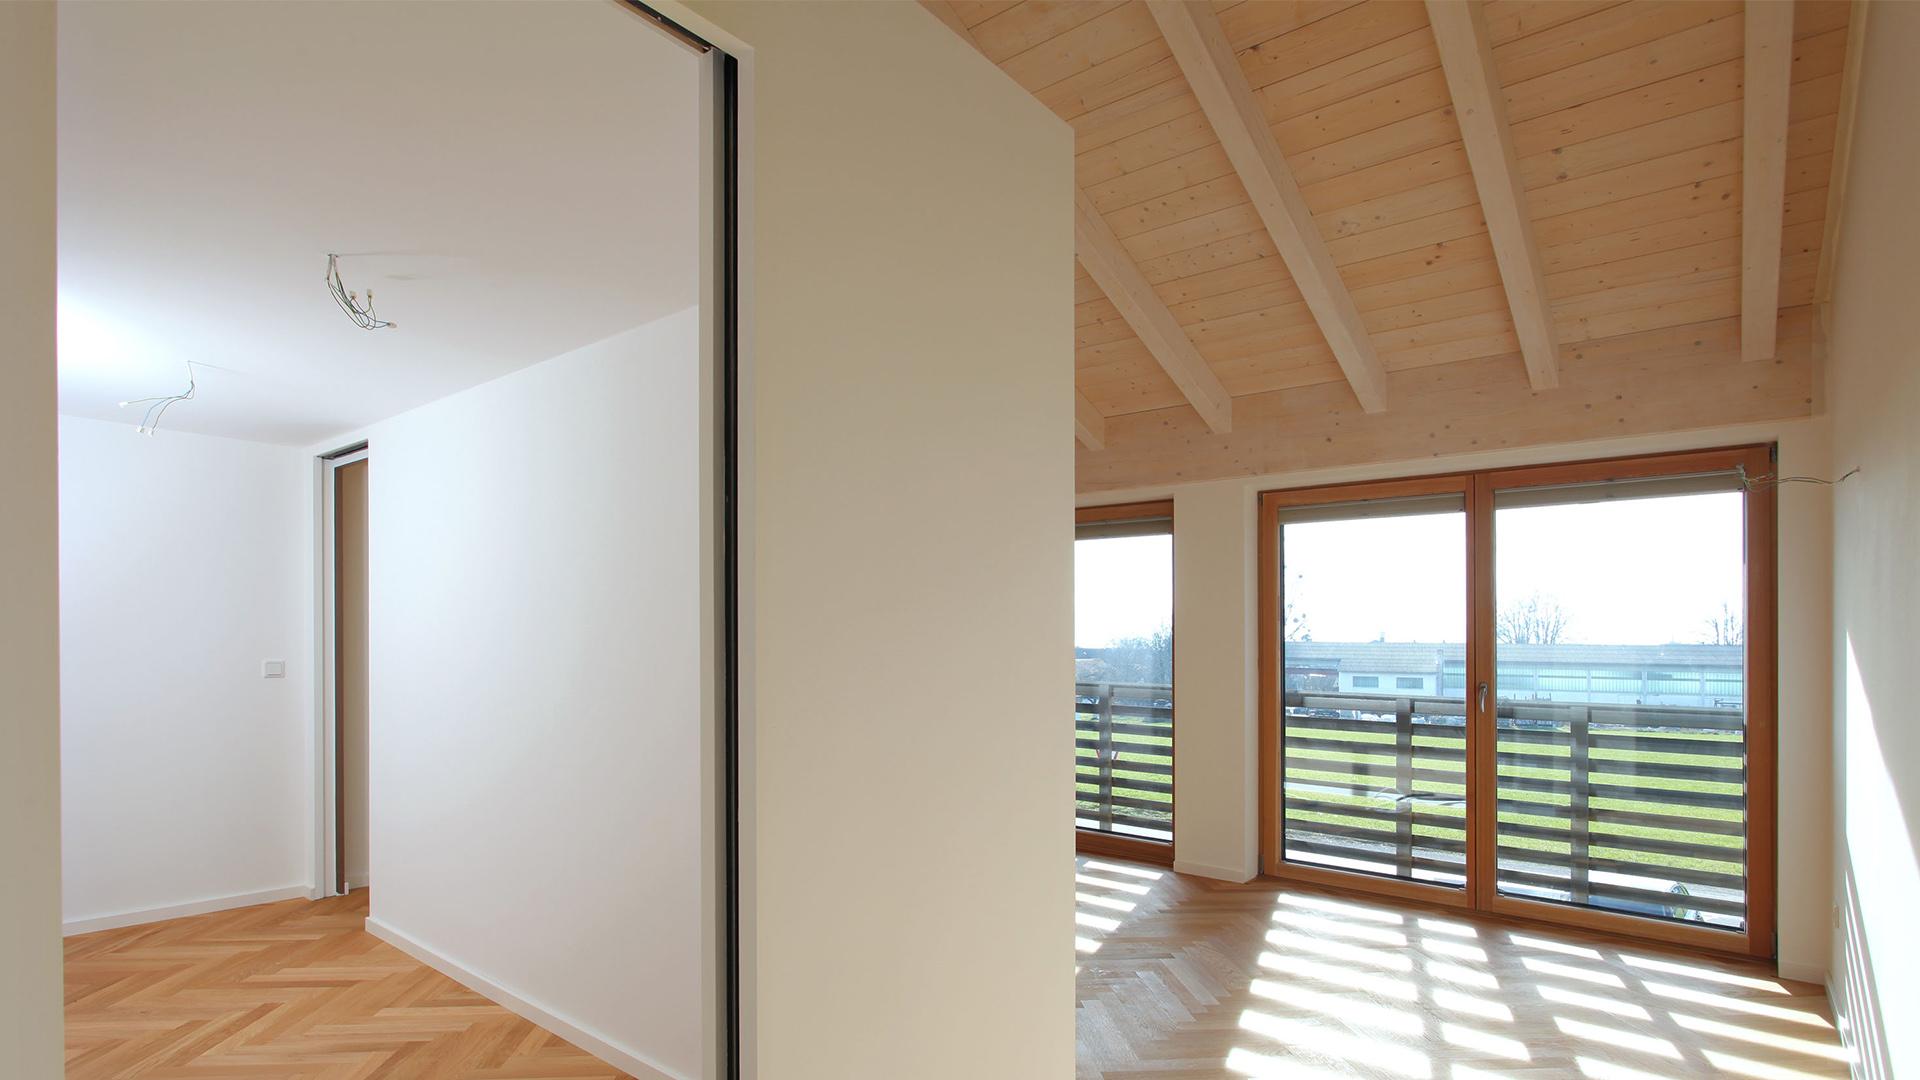 innenausbau zimmerei maicher. Black Bedroom Furniture Sets. Home Design Ideas